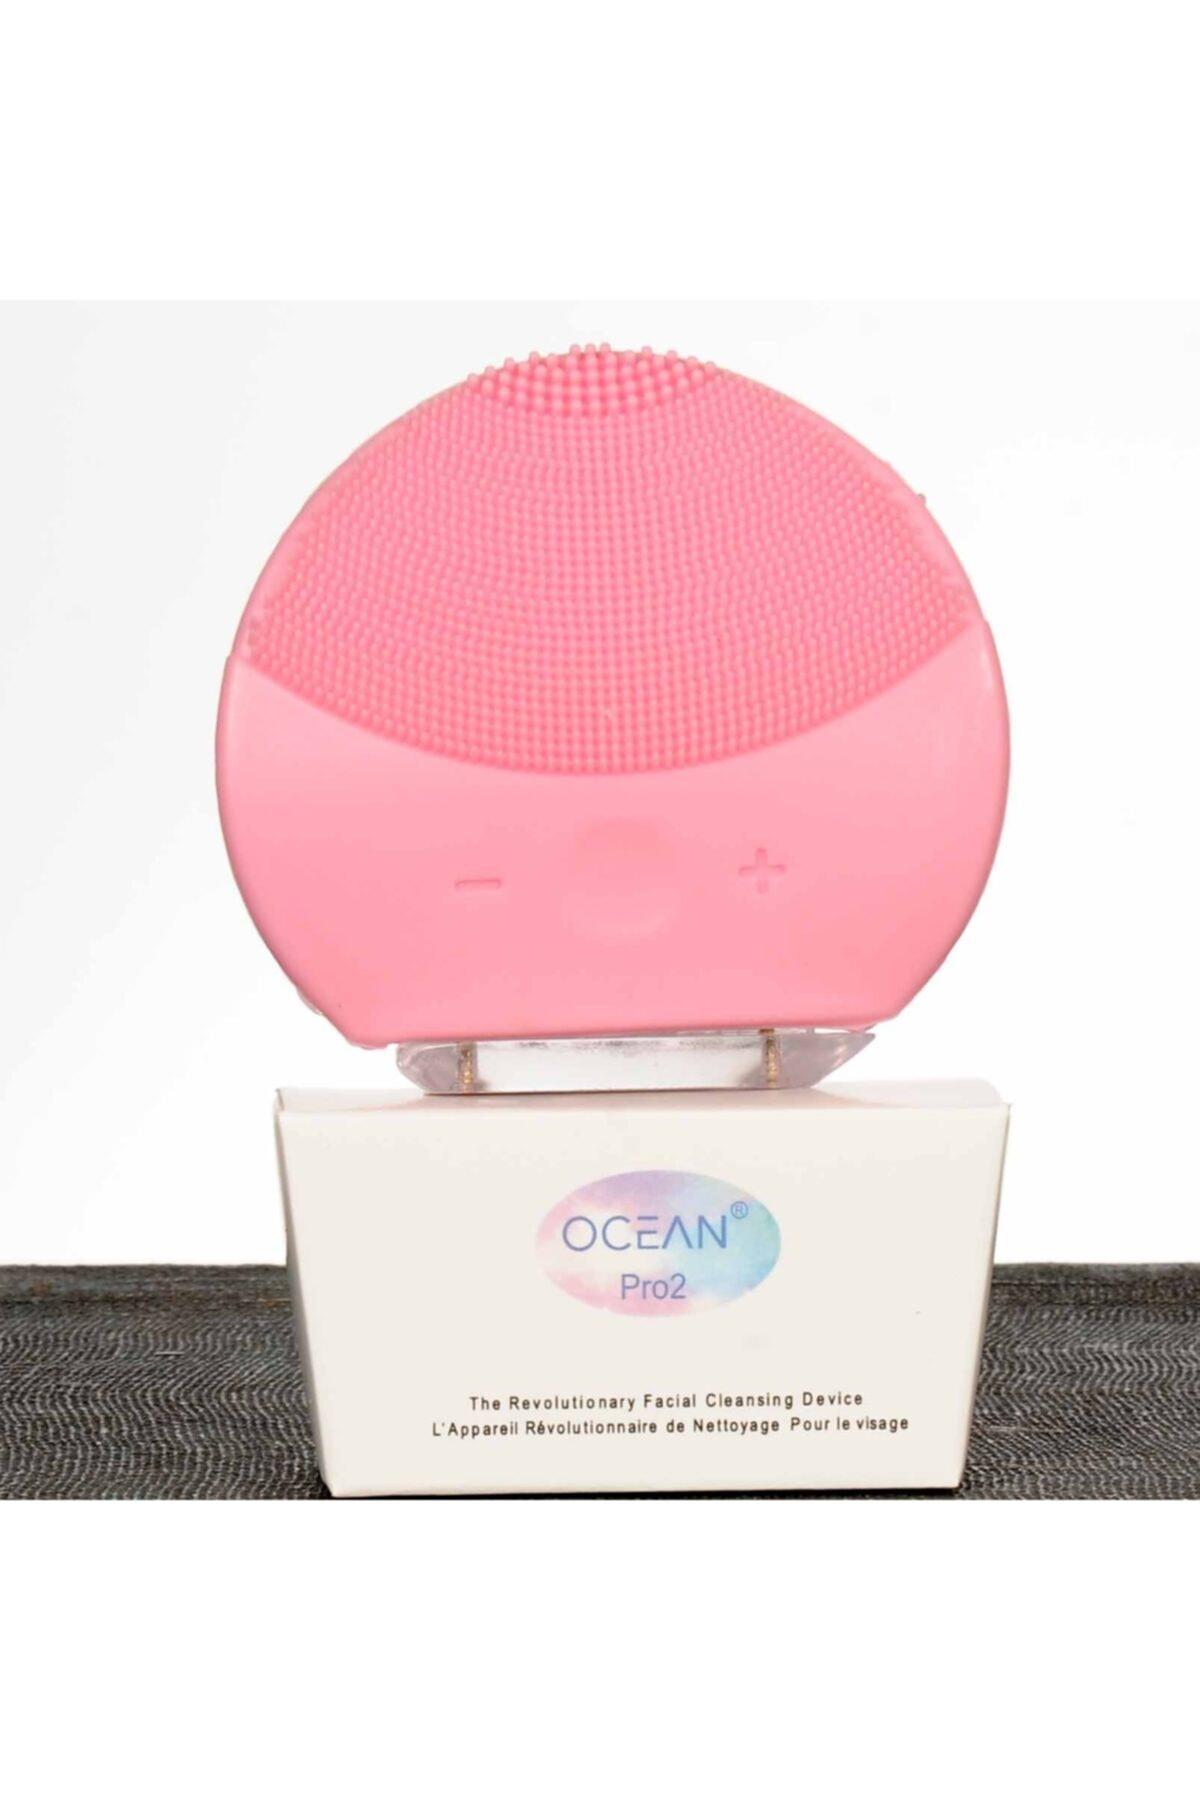 Ocean Pembe Oval Yüz Temizleme Cihazı 2